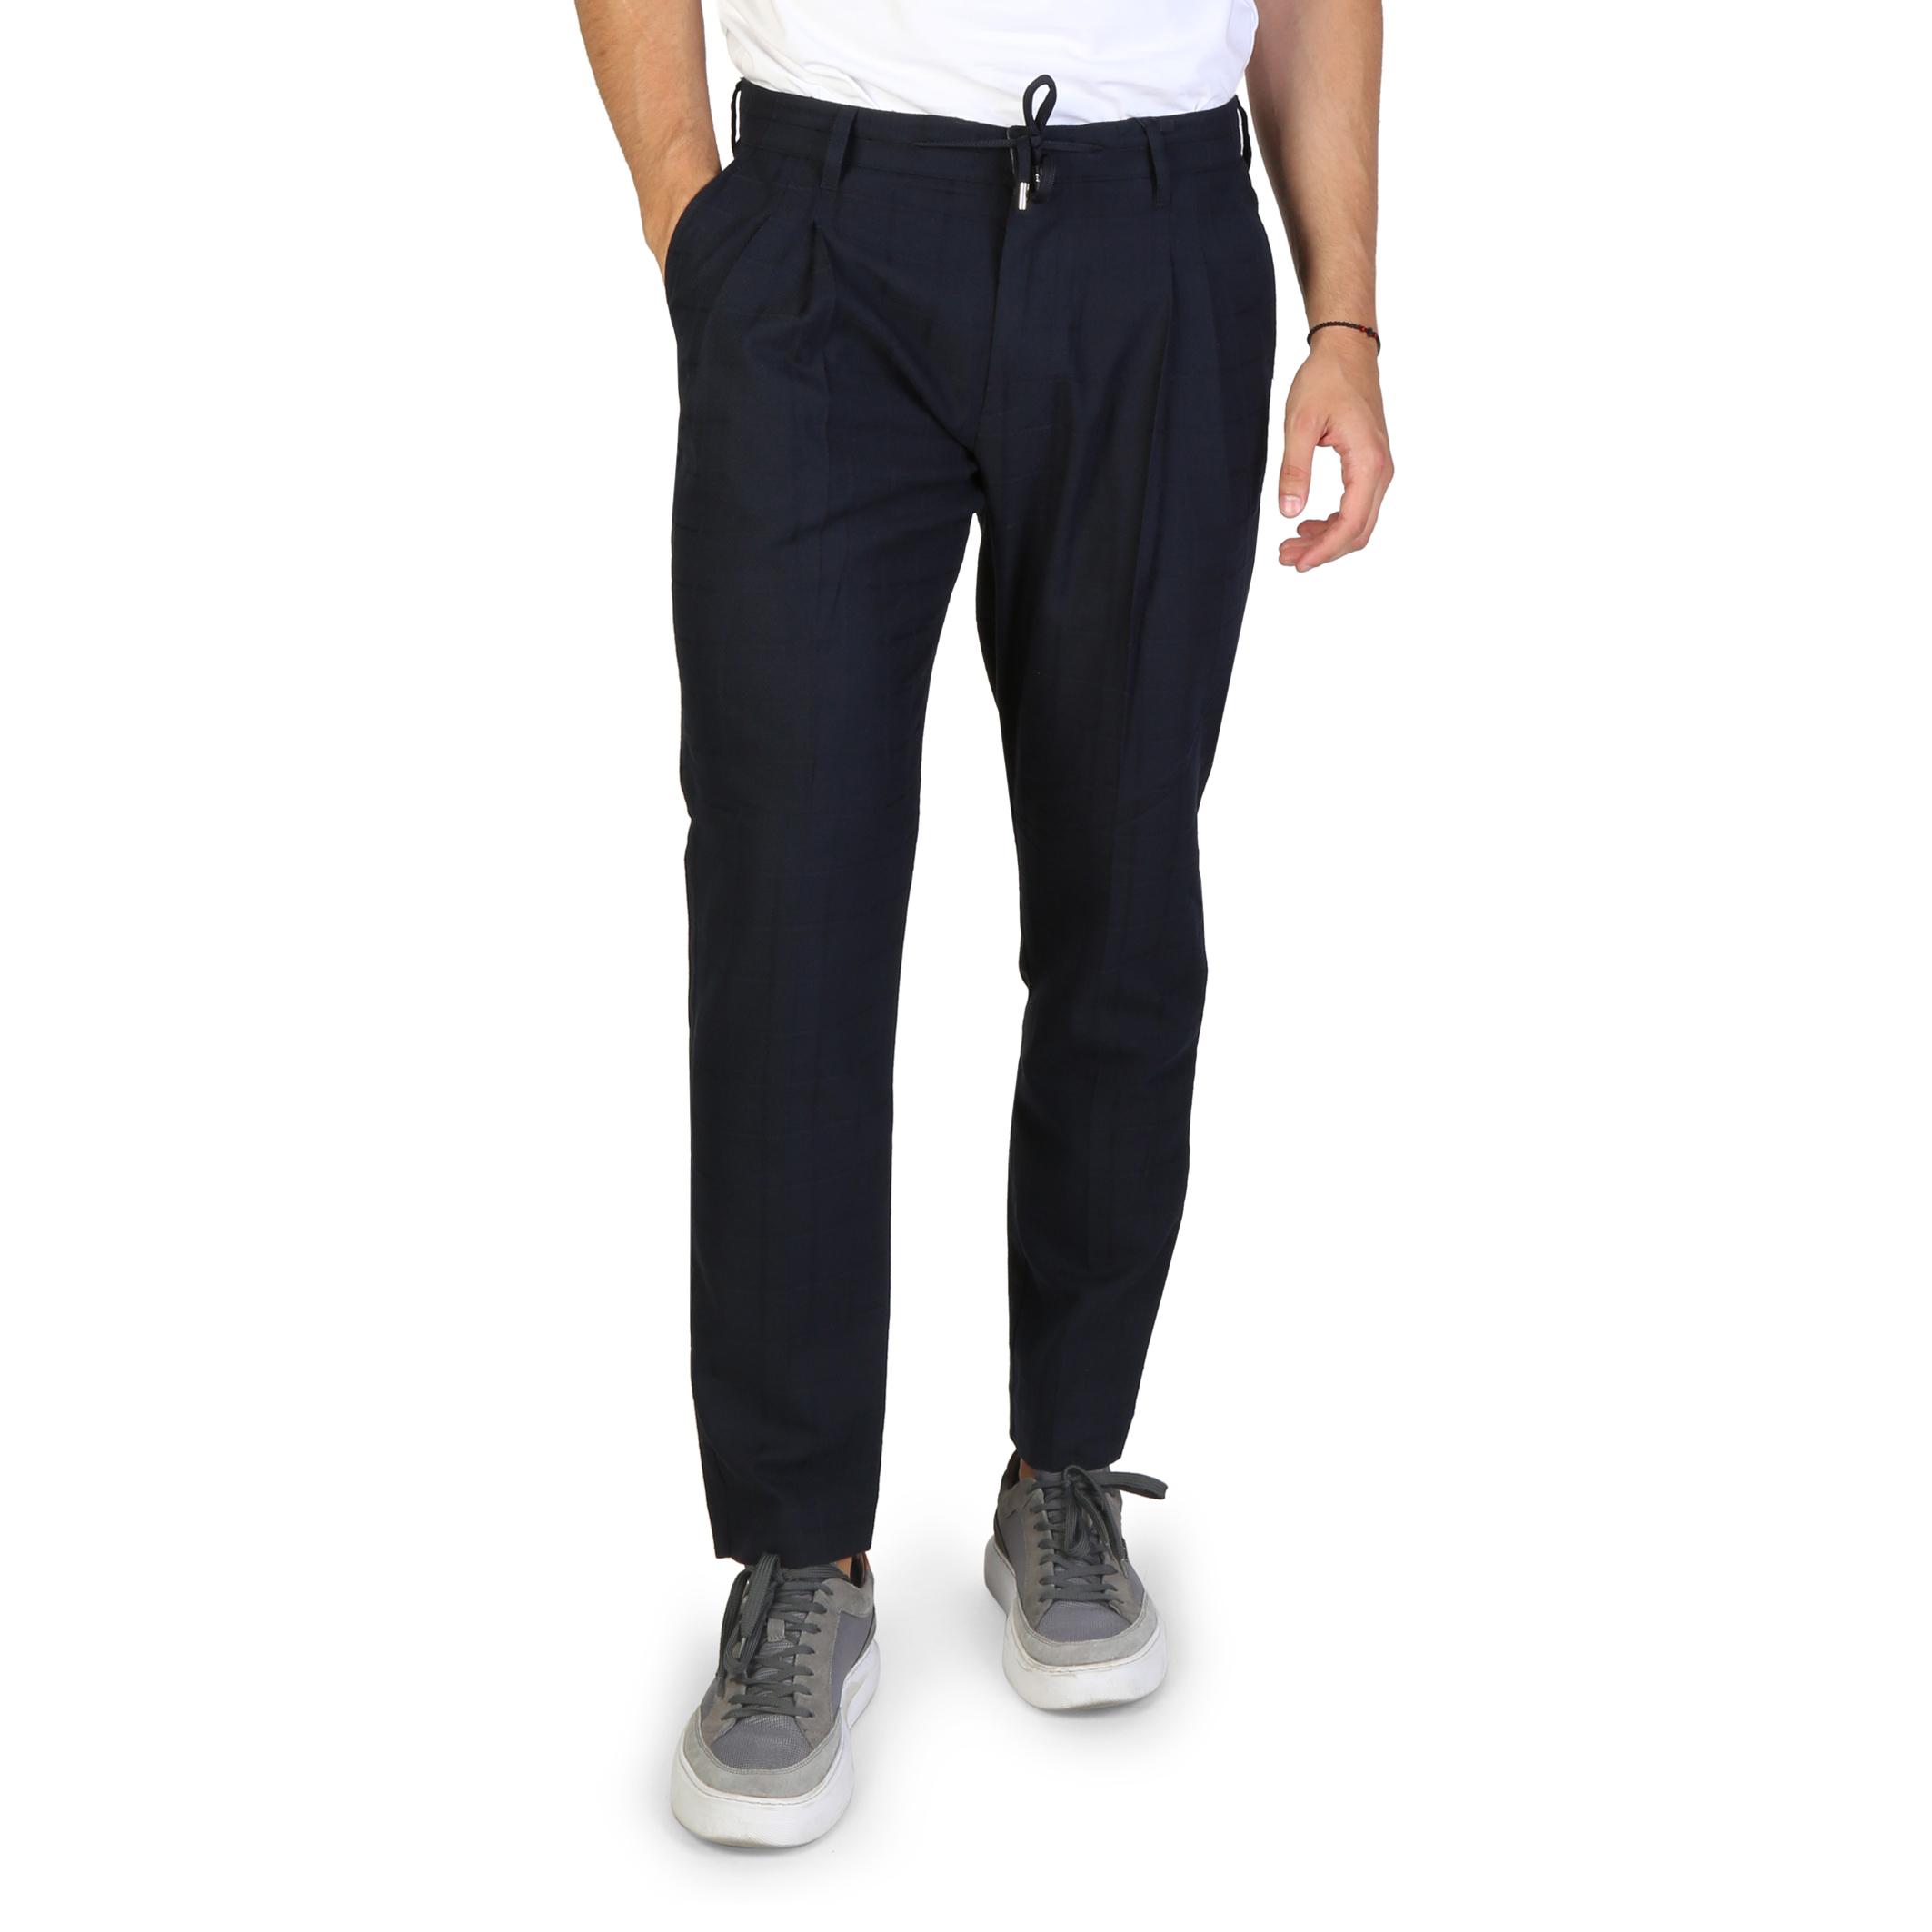 Pantalons Armani Exchange – 3ZZP12ZNBXZ